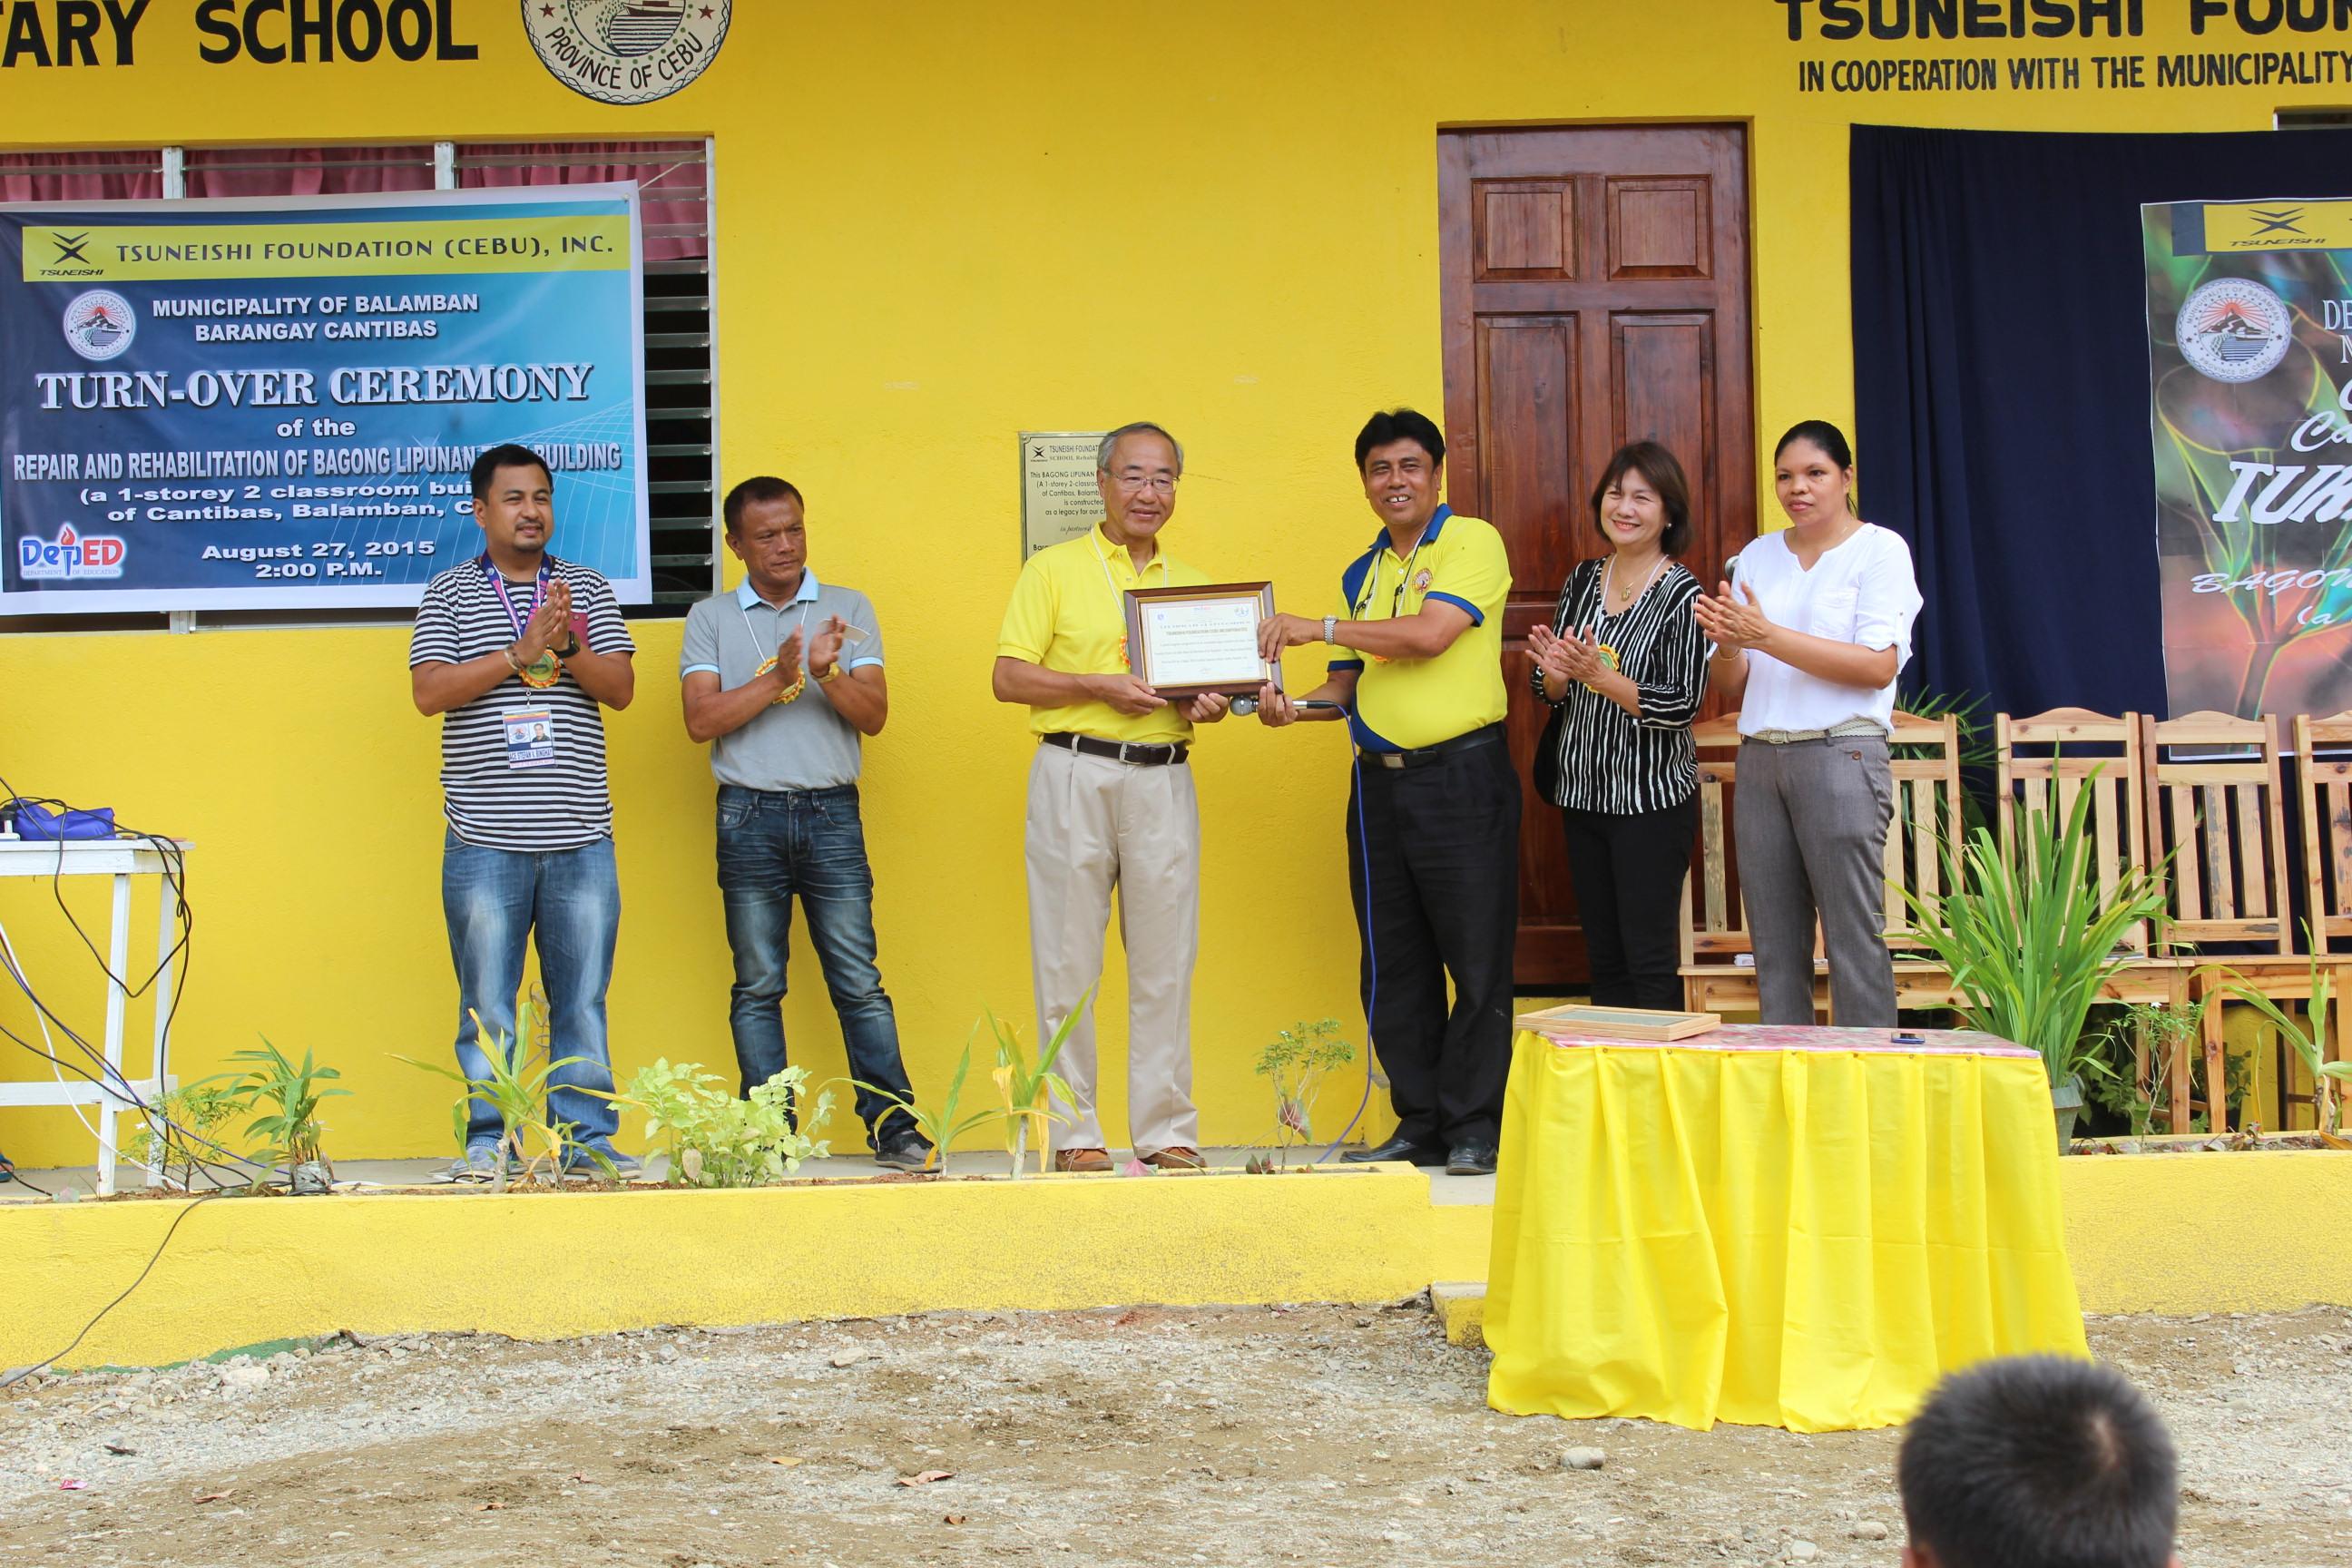 フィリピンの小学校と地域医療施設の改修を支援 - ツネイシセブ財団